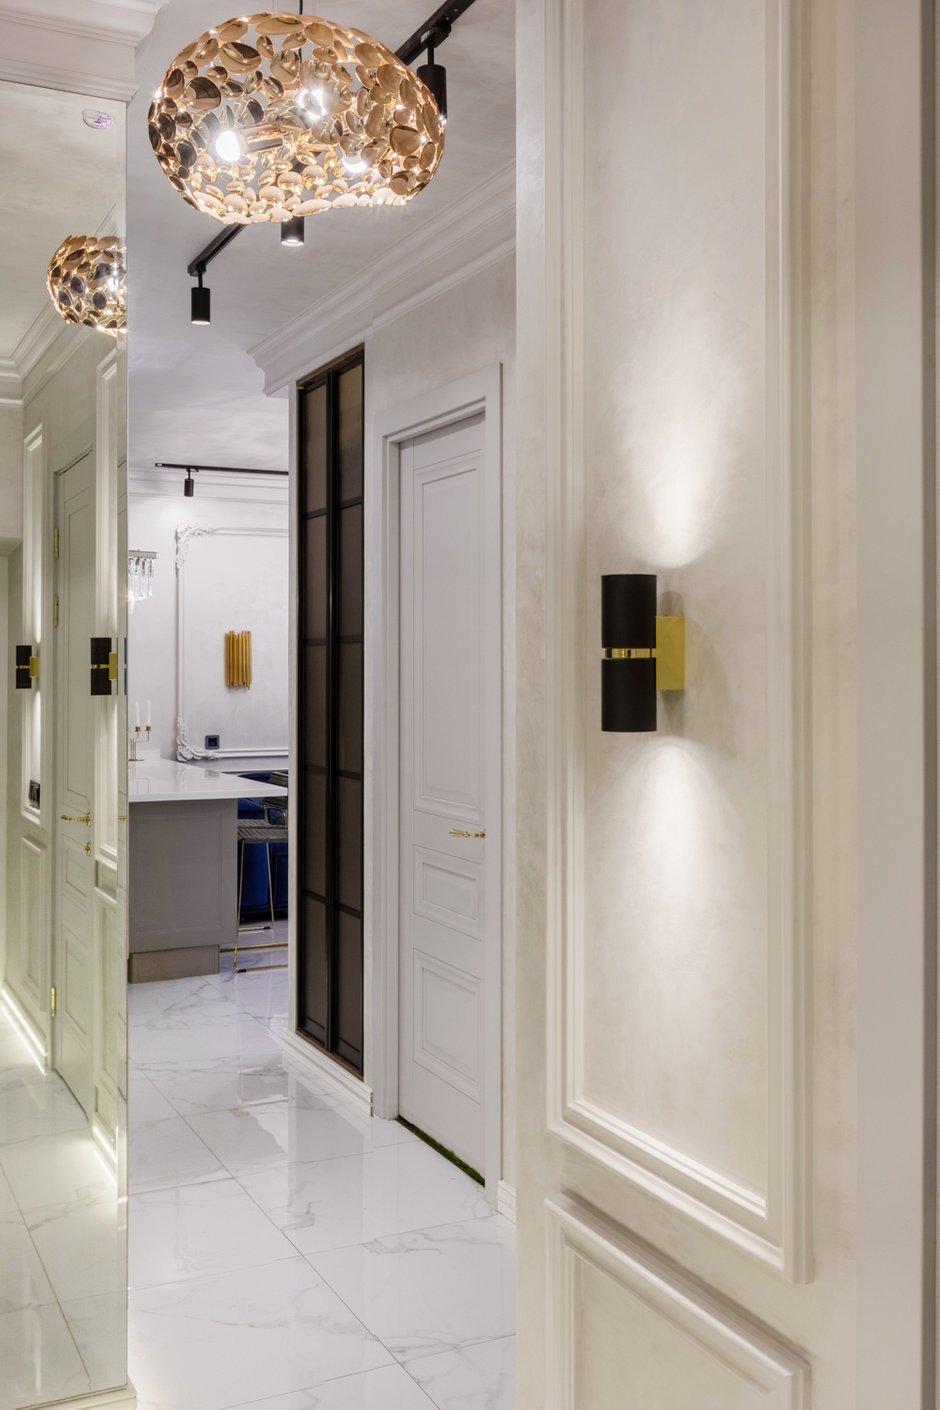 Фотография:  в стиле , Современный, Квартира, Проект недели, Samsung, 3 комнаты, 40-60 метров, интерьерный телевизор, the serif, Оксана Нечаева – фото на INMYROOM